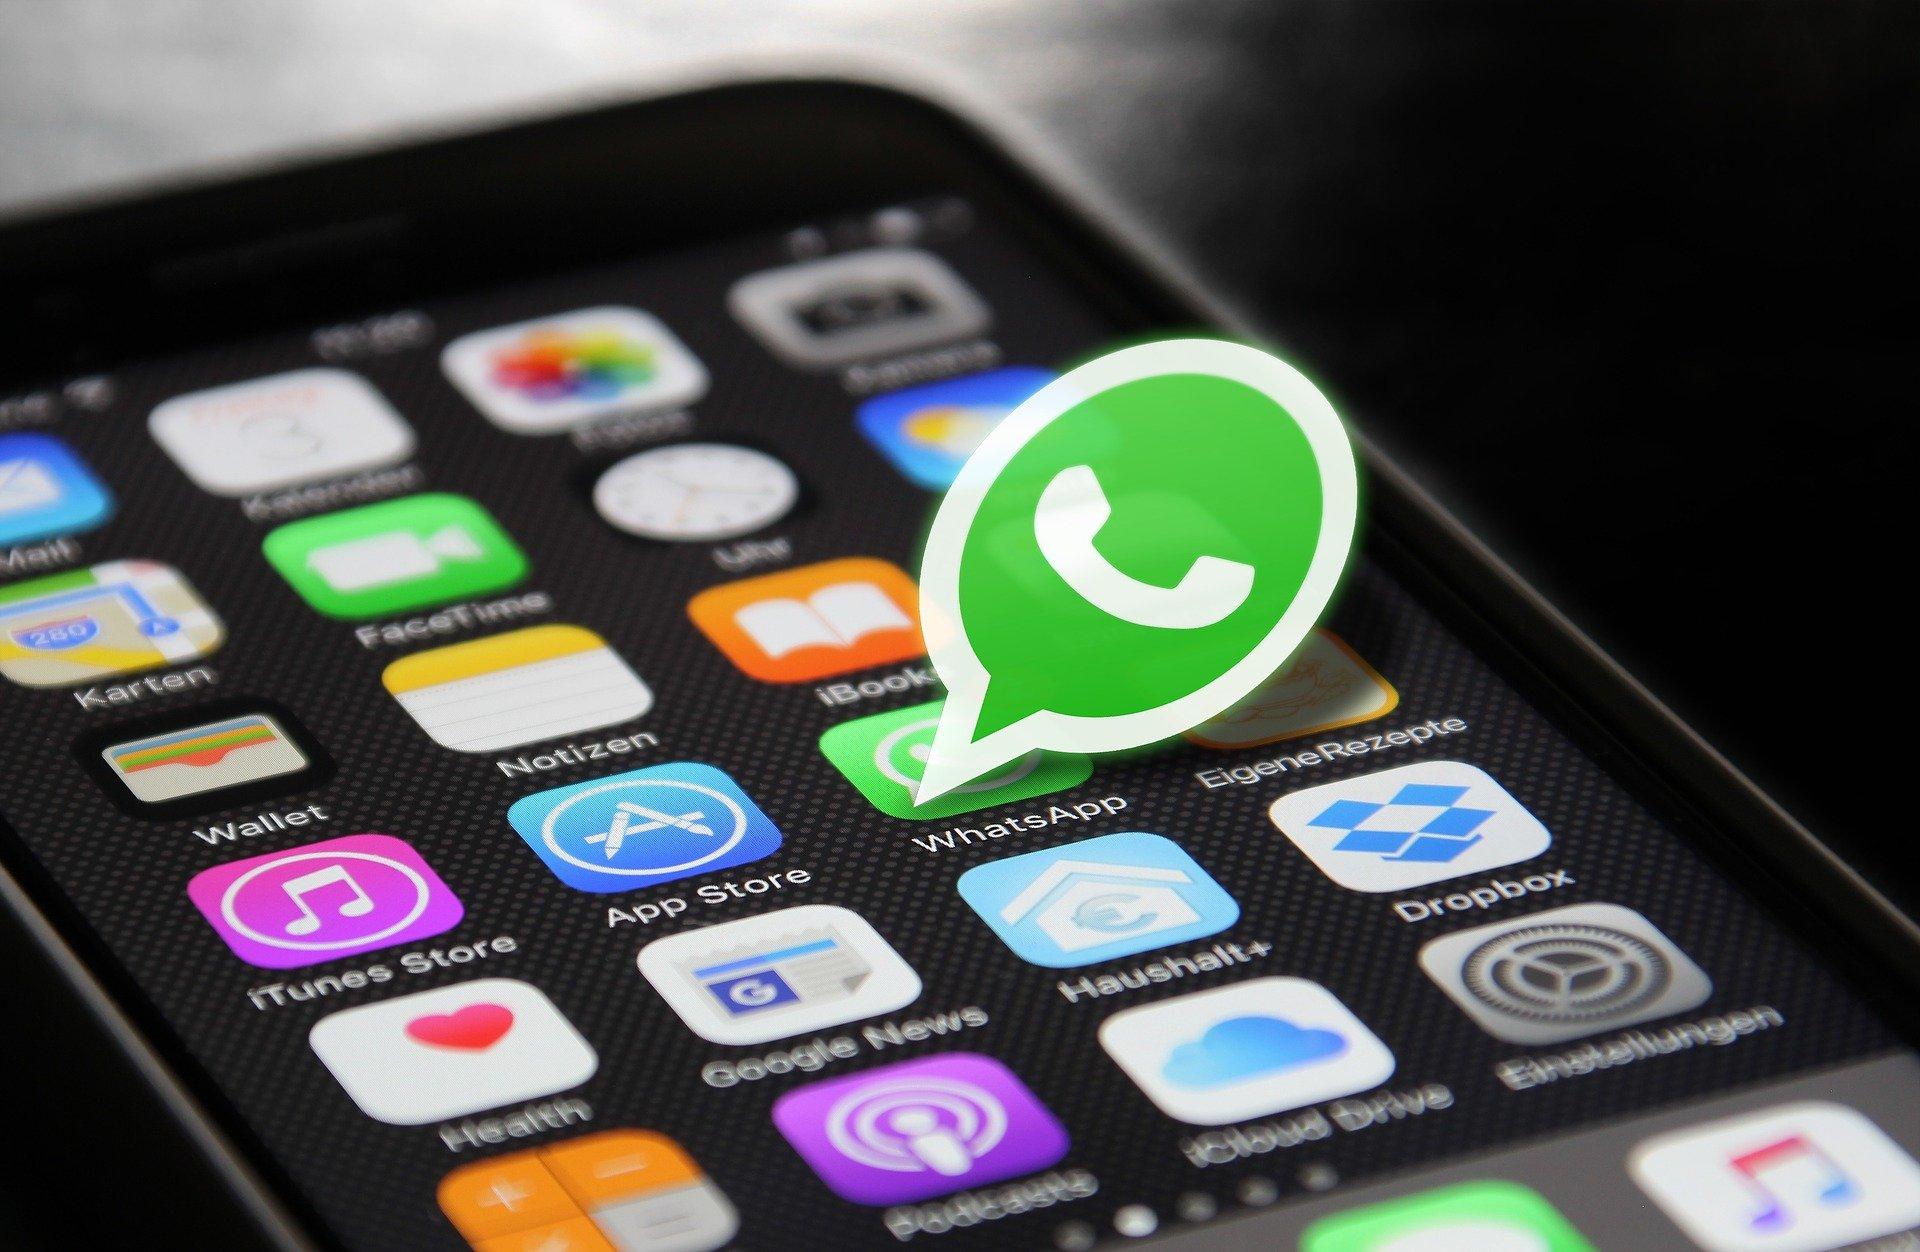 ViewOnce: Ce face noua funcție pe care o vei găsi în Whatsapp?